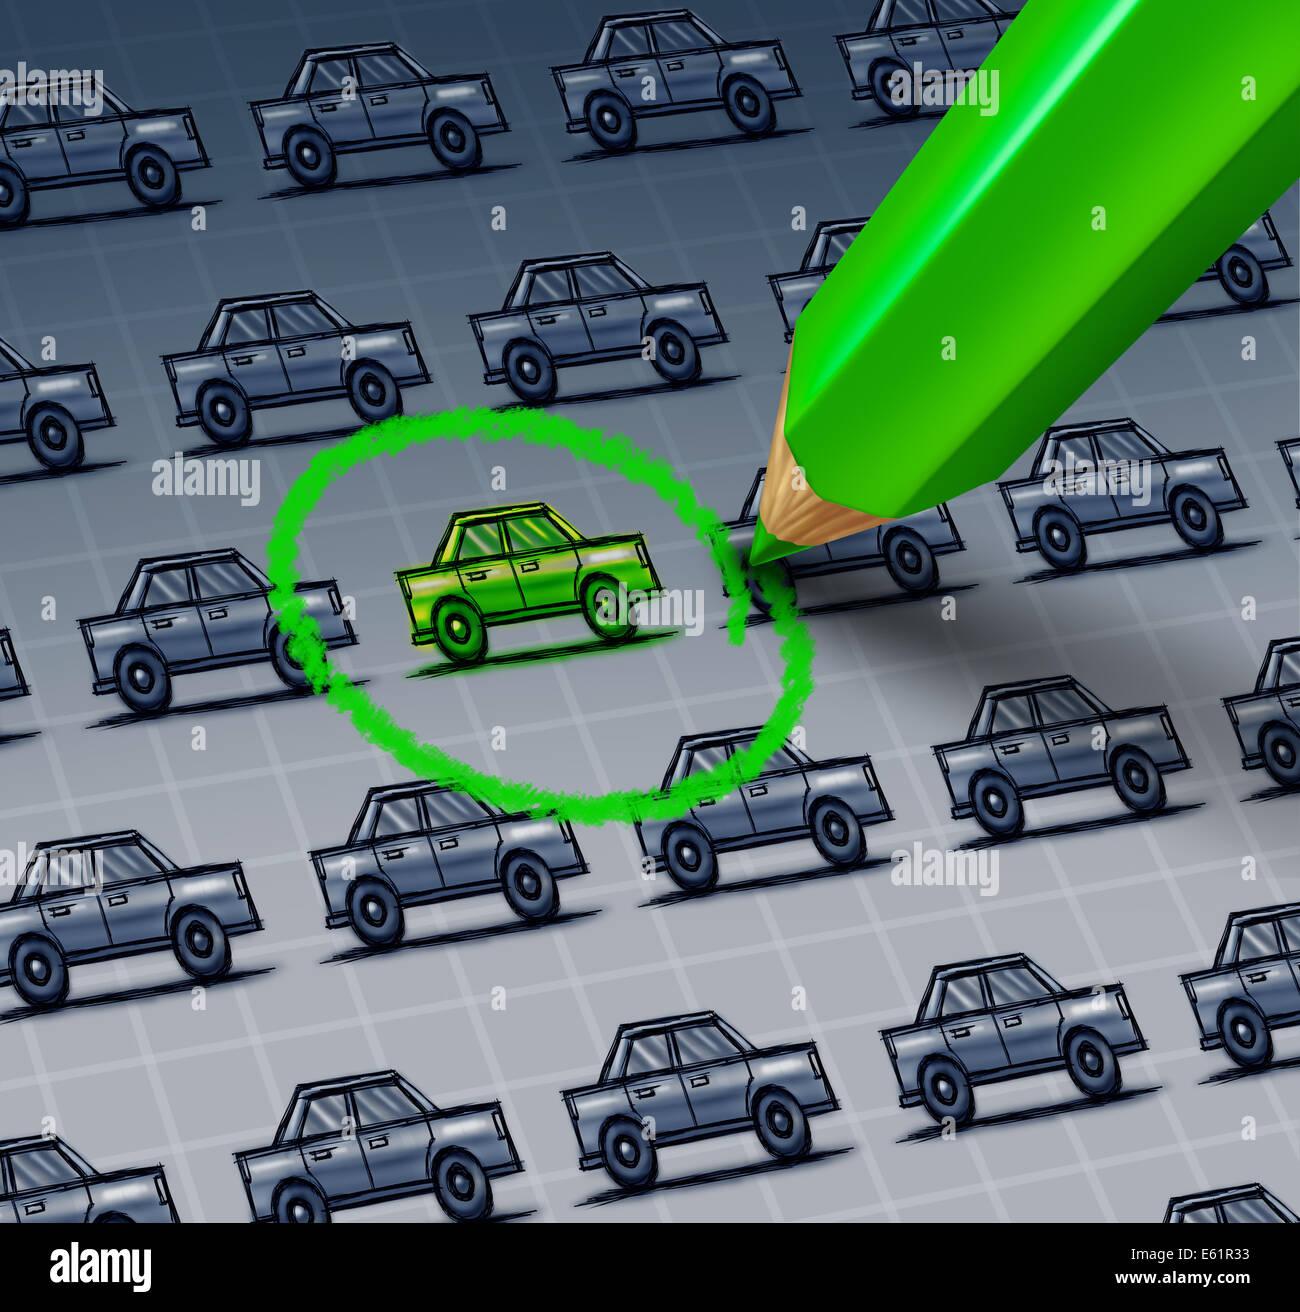 Choix de voiture verte concept comme un dessin d'un groupe d'automobiles avec un dessin au crayon vert un Photo Stock